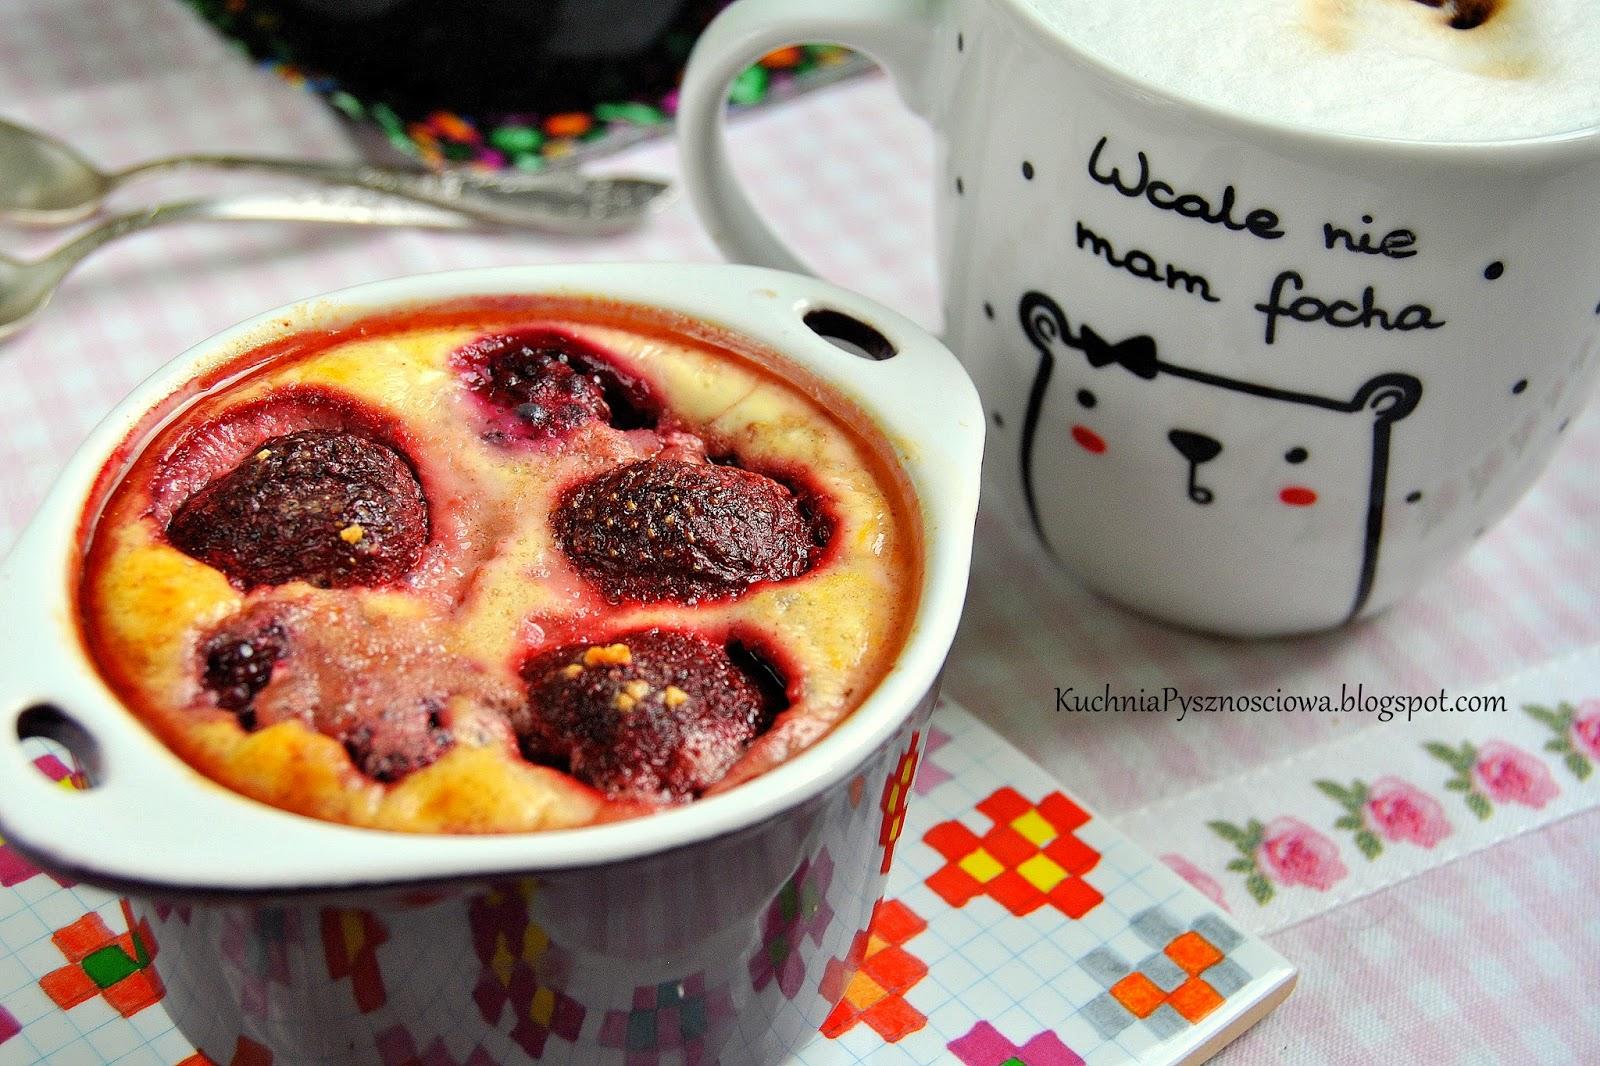 310. Zapiekana kasza pęczak z owocami i twarogiem na zdrowe śniadanie